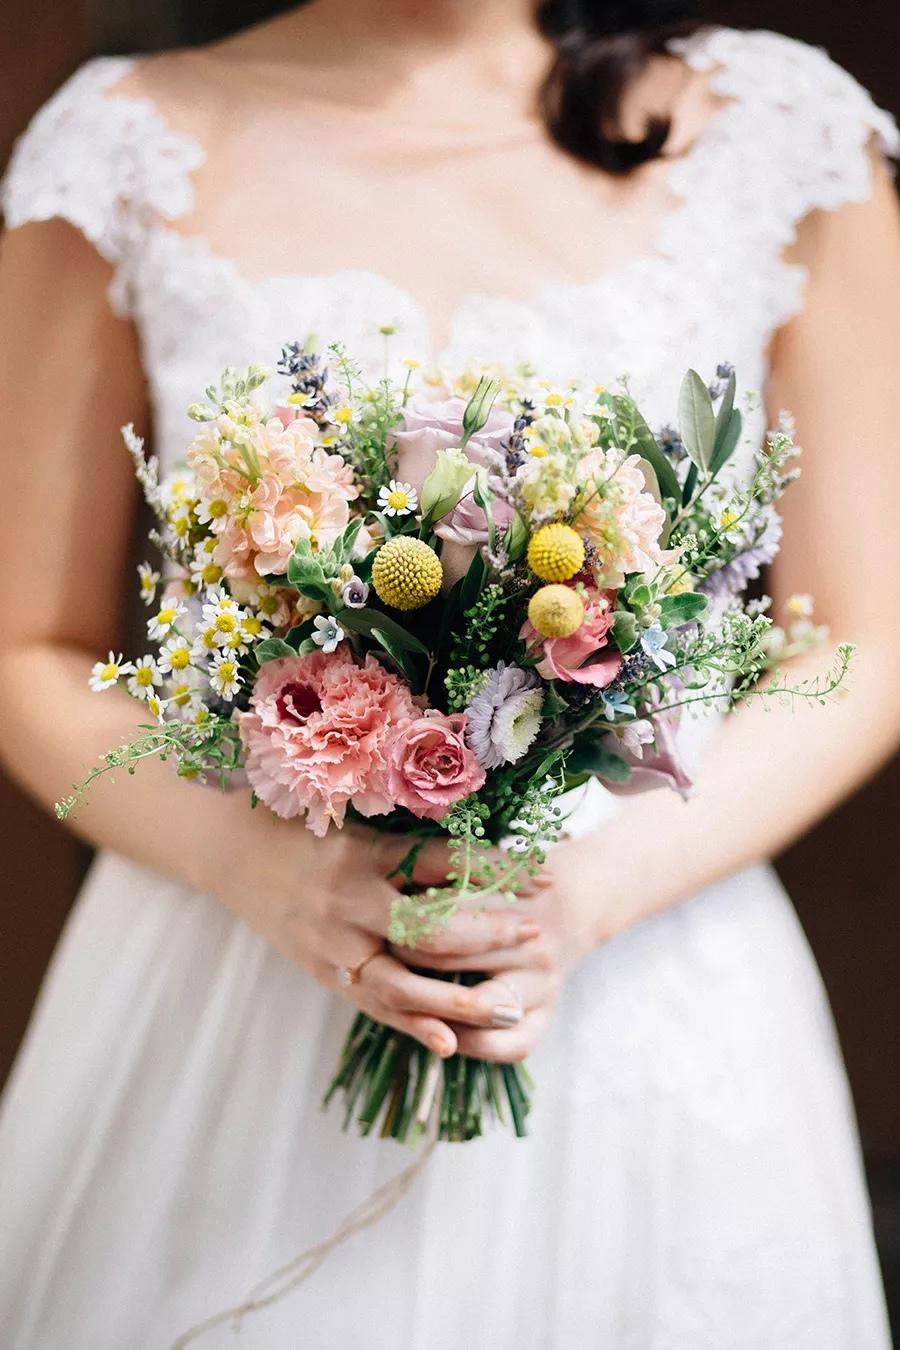 JlAvGDsv4v8 - Свадебные букеты с гвоздиками - фото